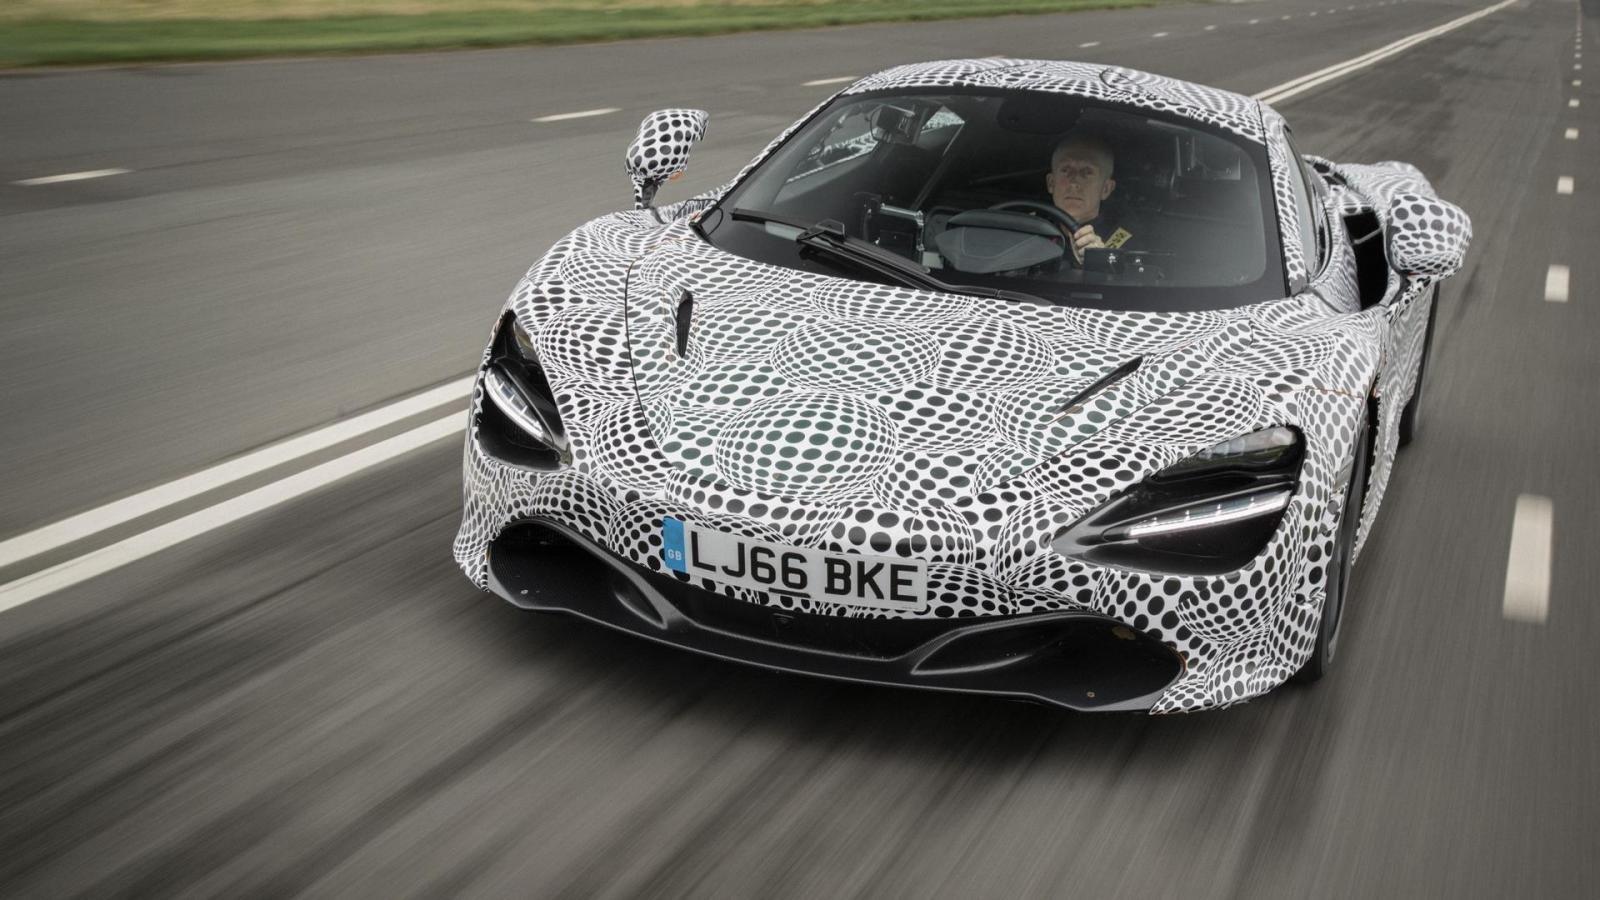 «Хвост скорости»: Мак Ларен продемонстрировал один избыстрейших гиперкаров мира. Все уже проданы